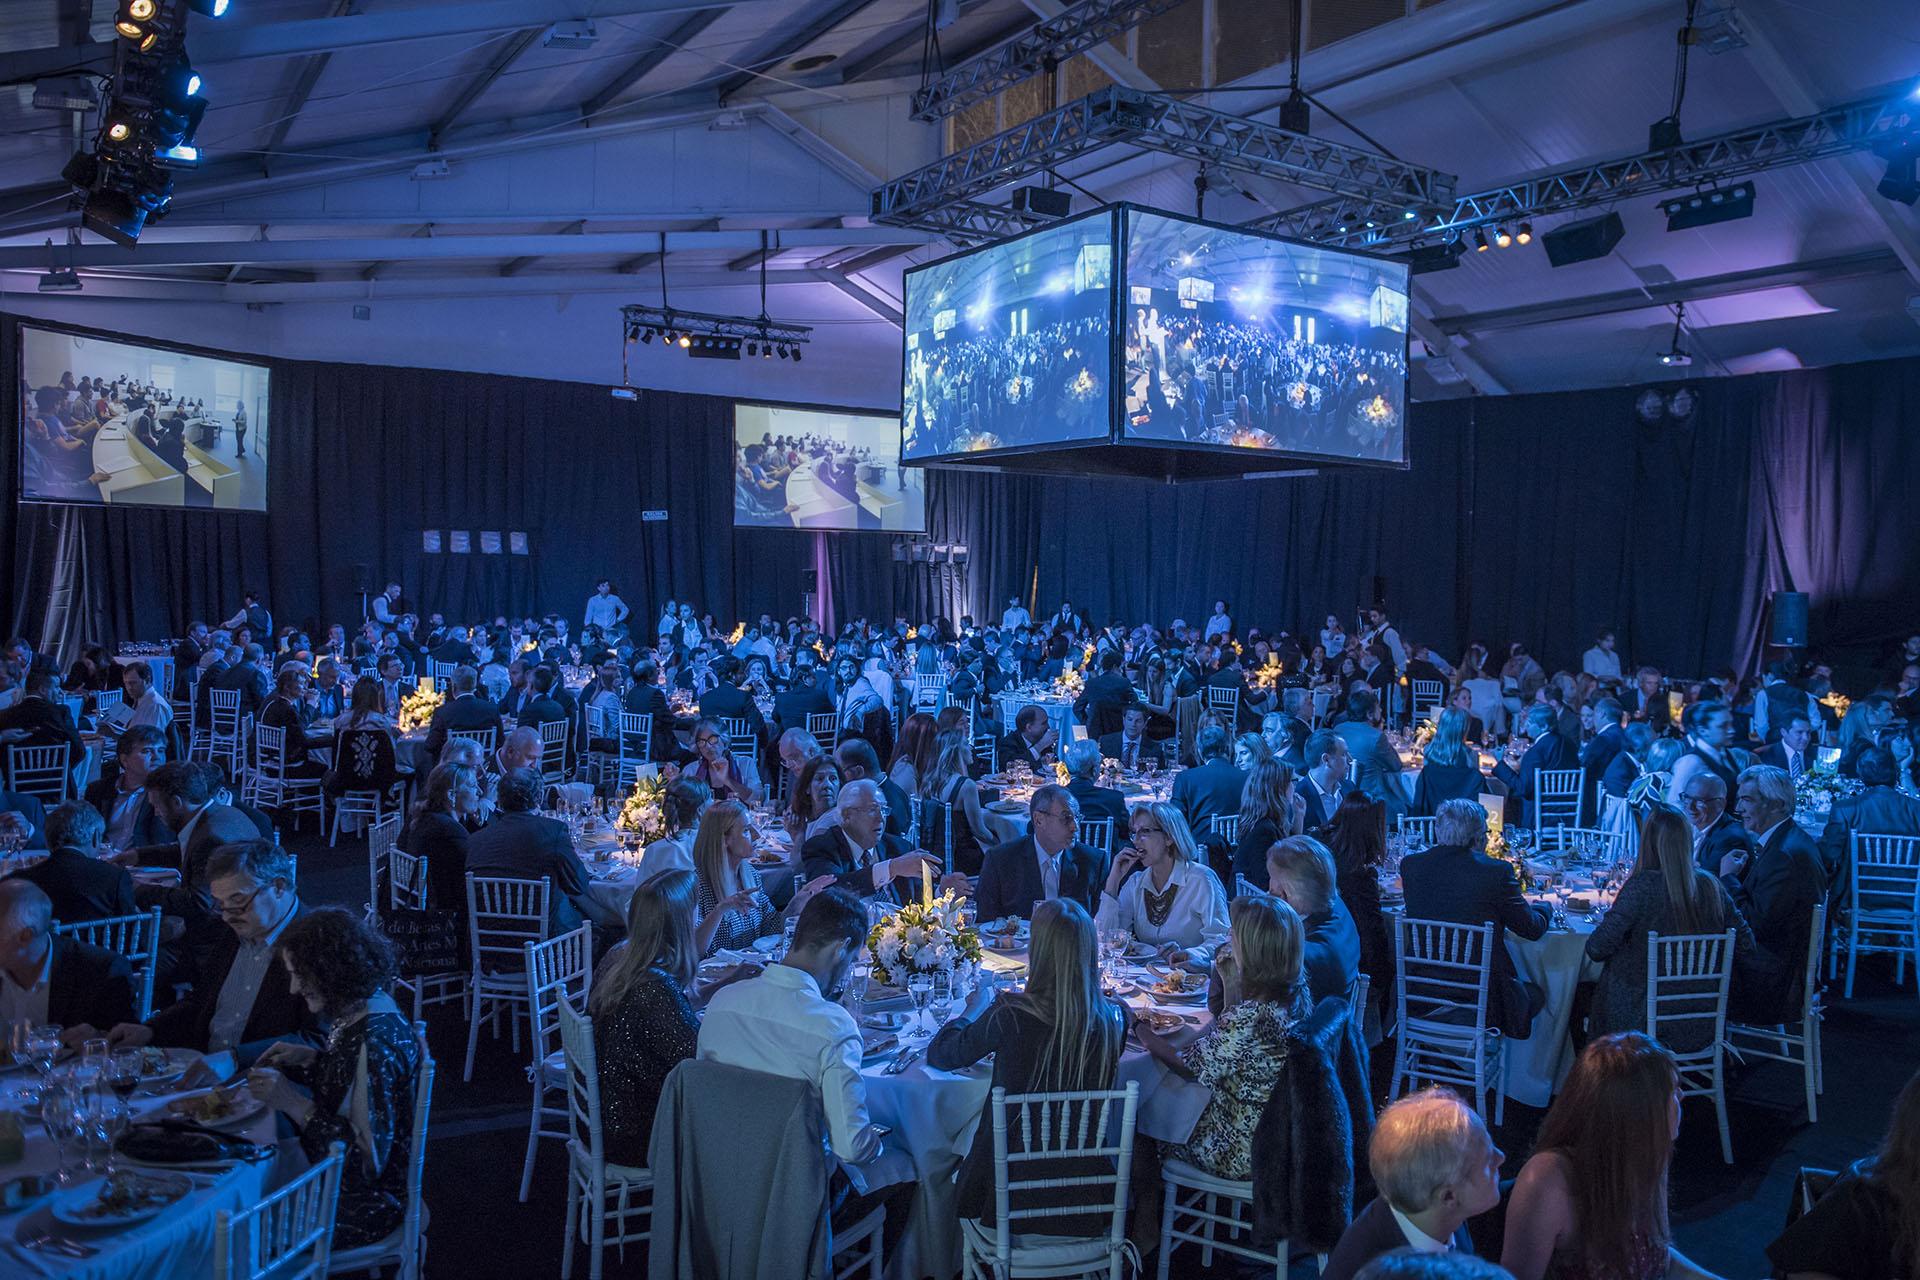 La organizacion de la cena anual estuvo a cargo del 'Desarrollo Institucional de la Universidad Torcuato Di Tella'